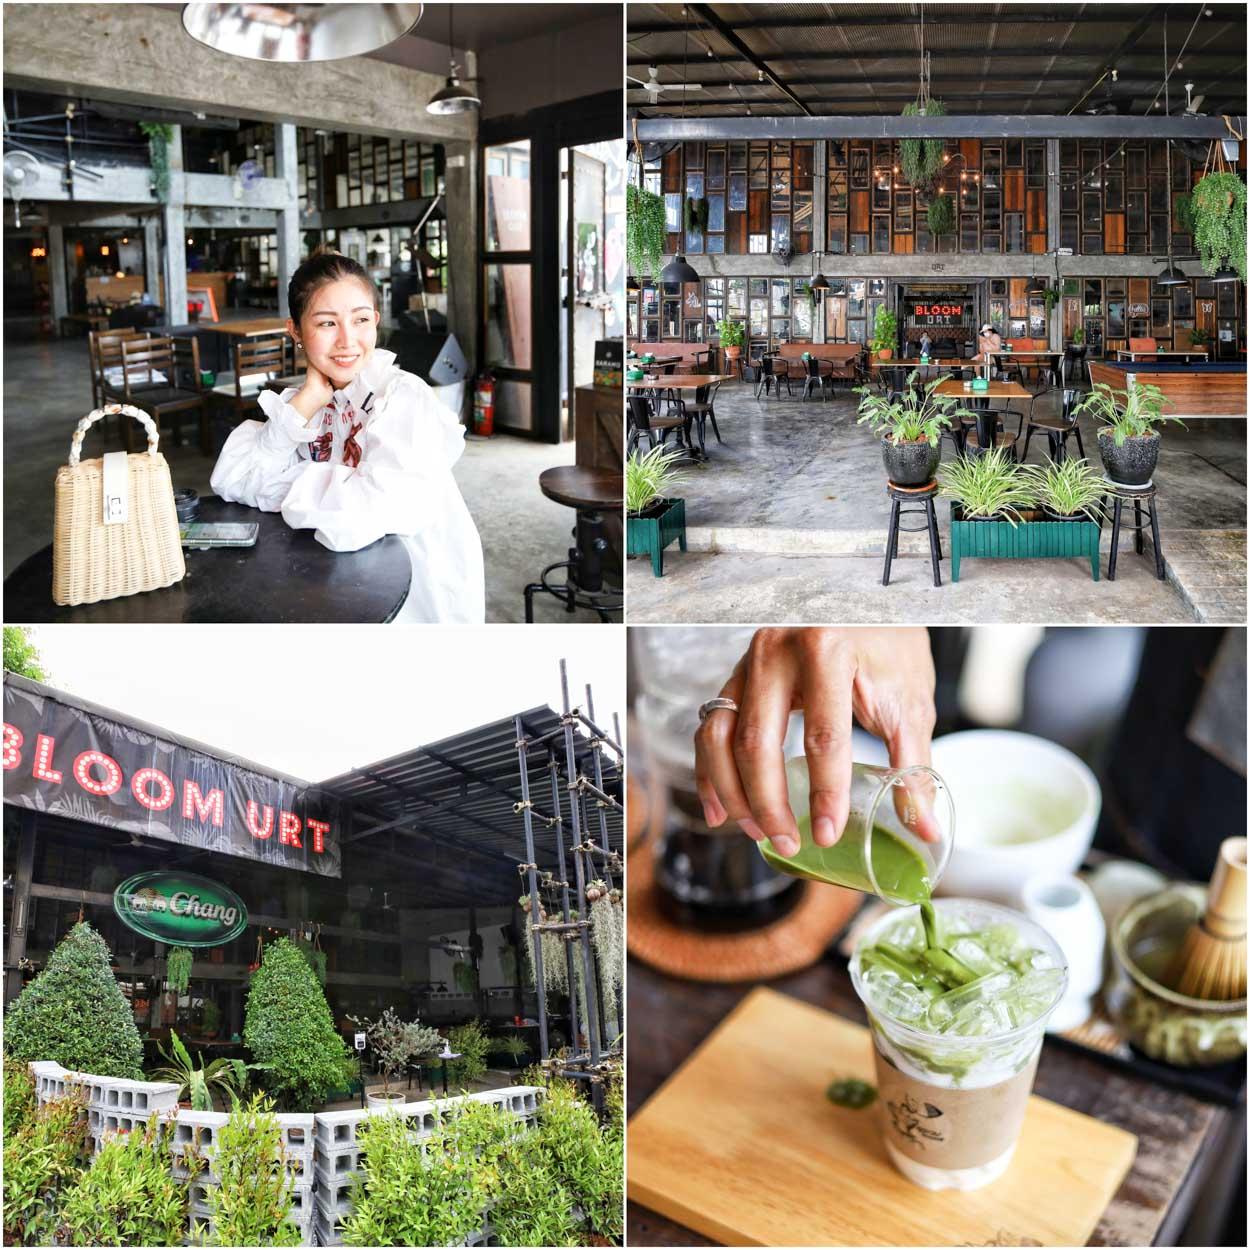 ลุงกบโฮมคอฟฟี่ at Bloom URT คาเฟ่สุราษฏร์ธานี ใจกลางเมือง